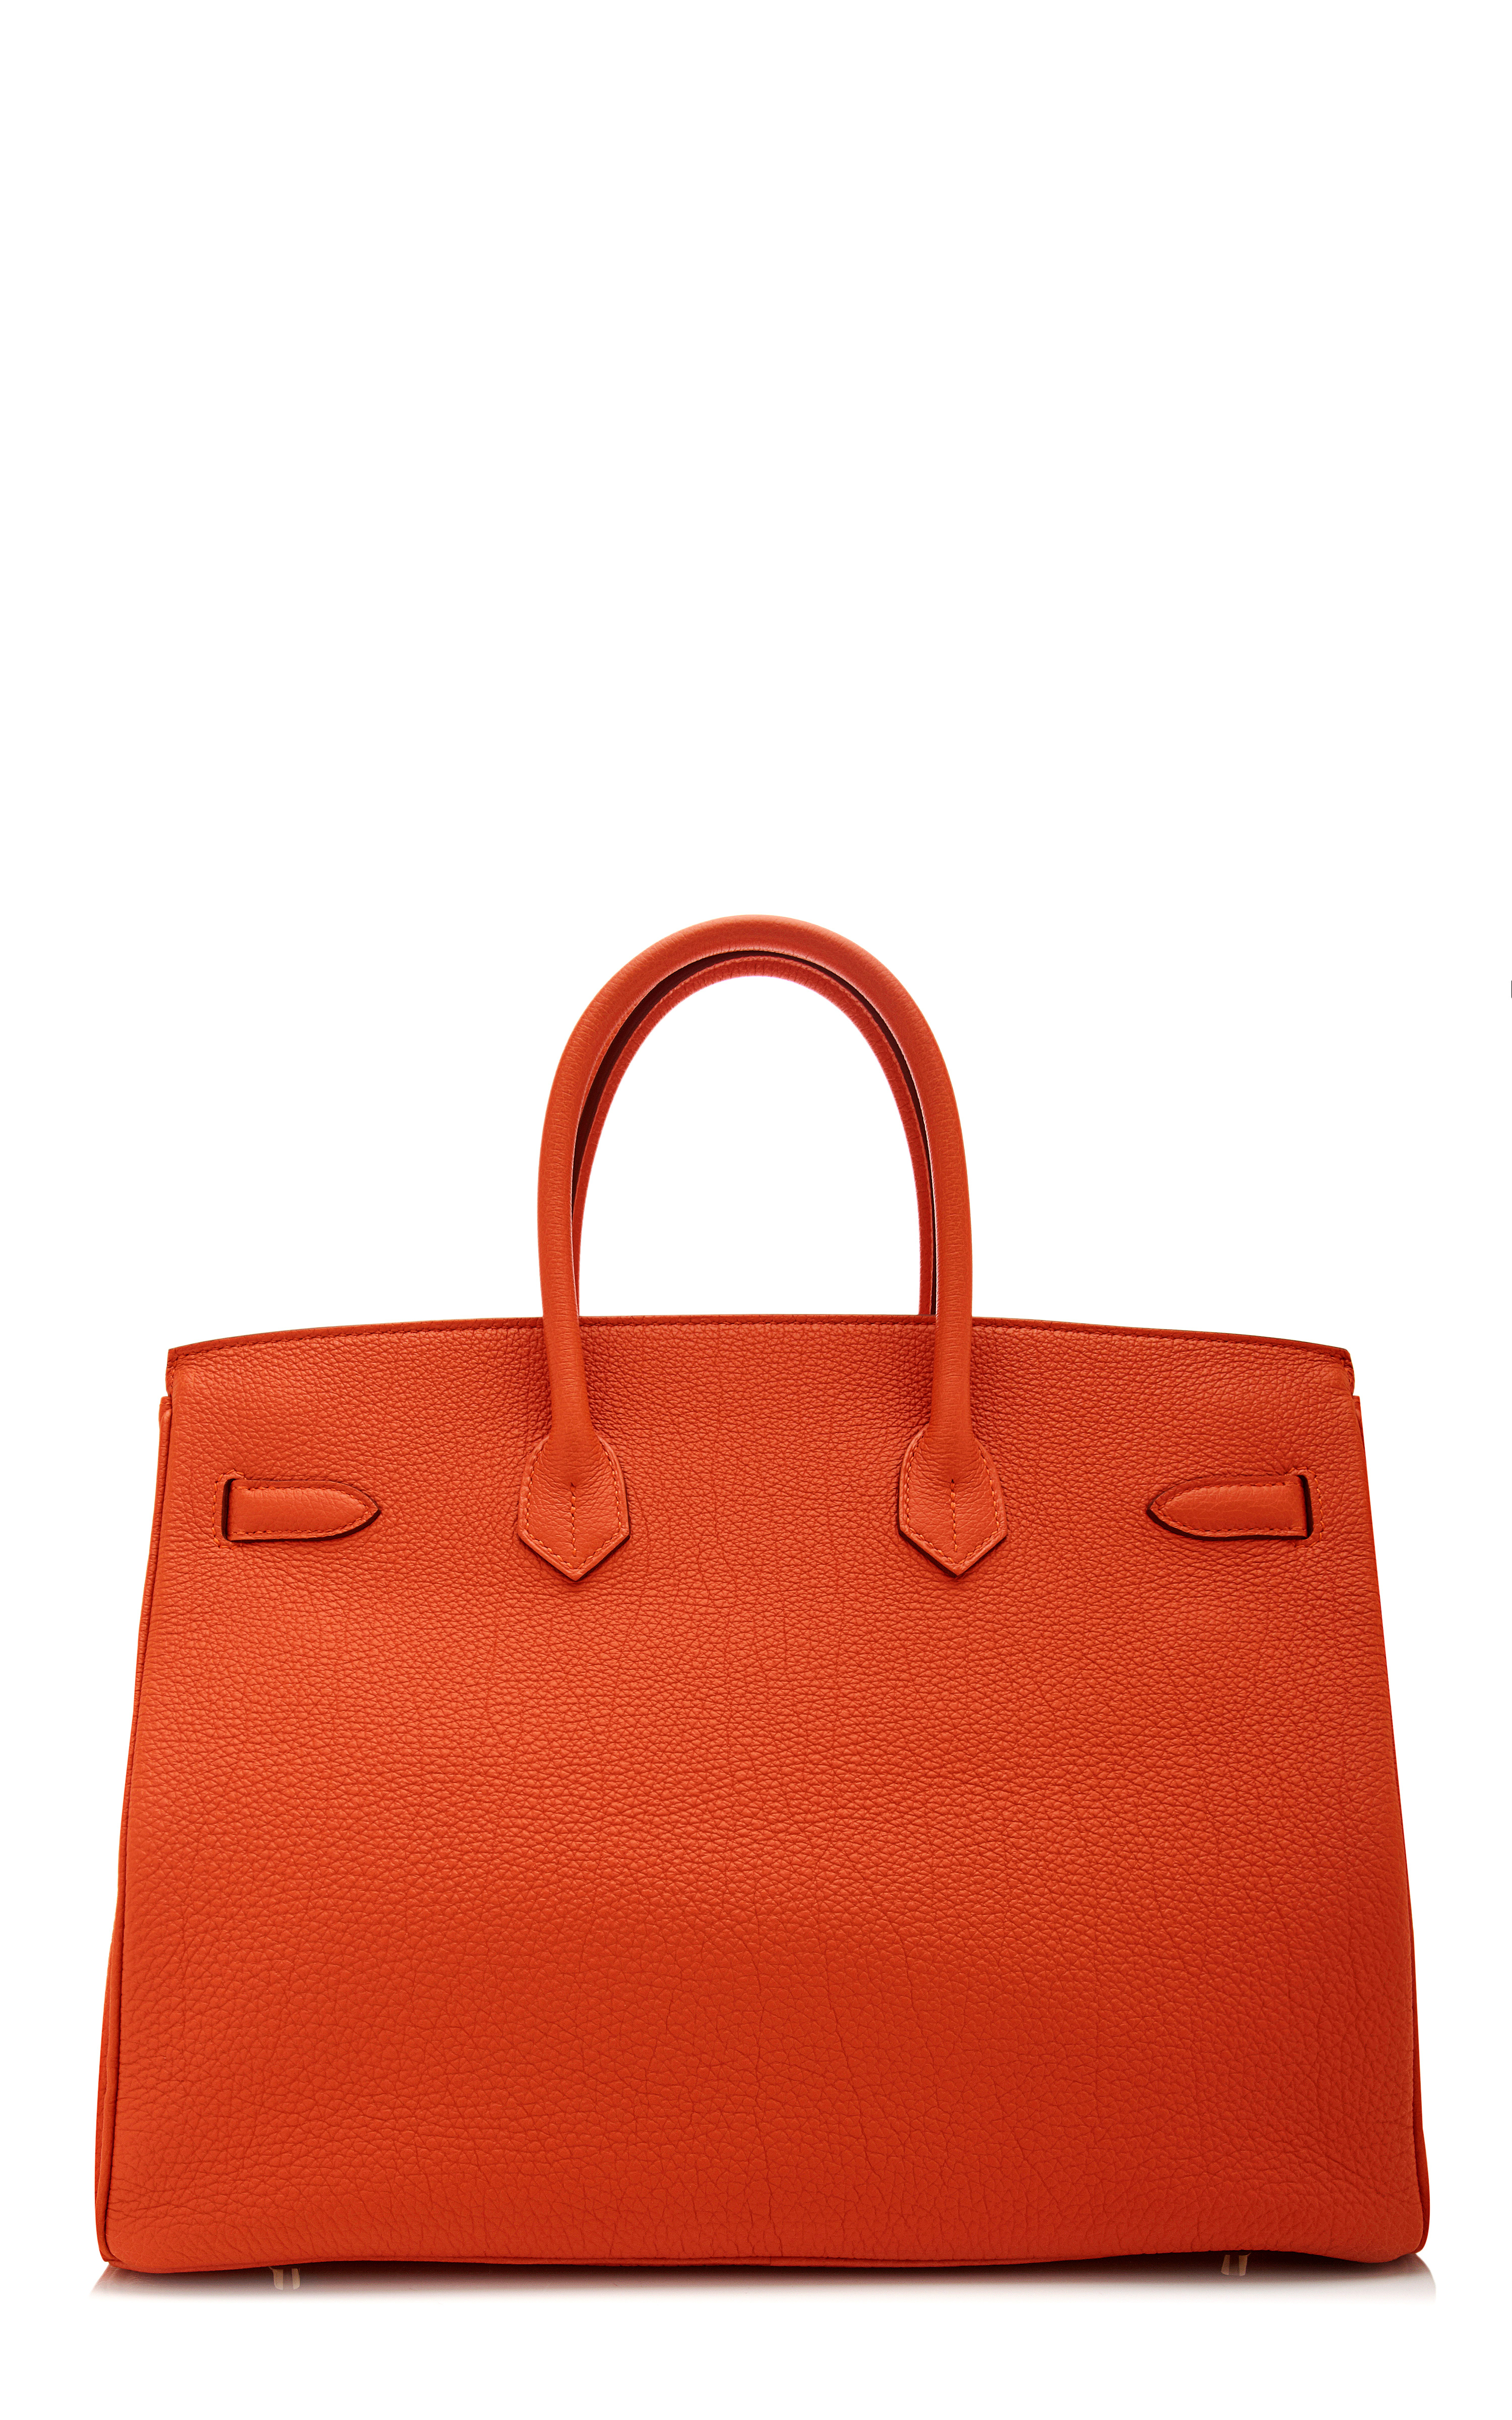 used hermes bag - hermes birkin satchel orange